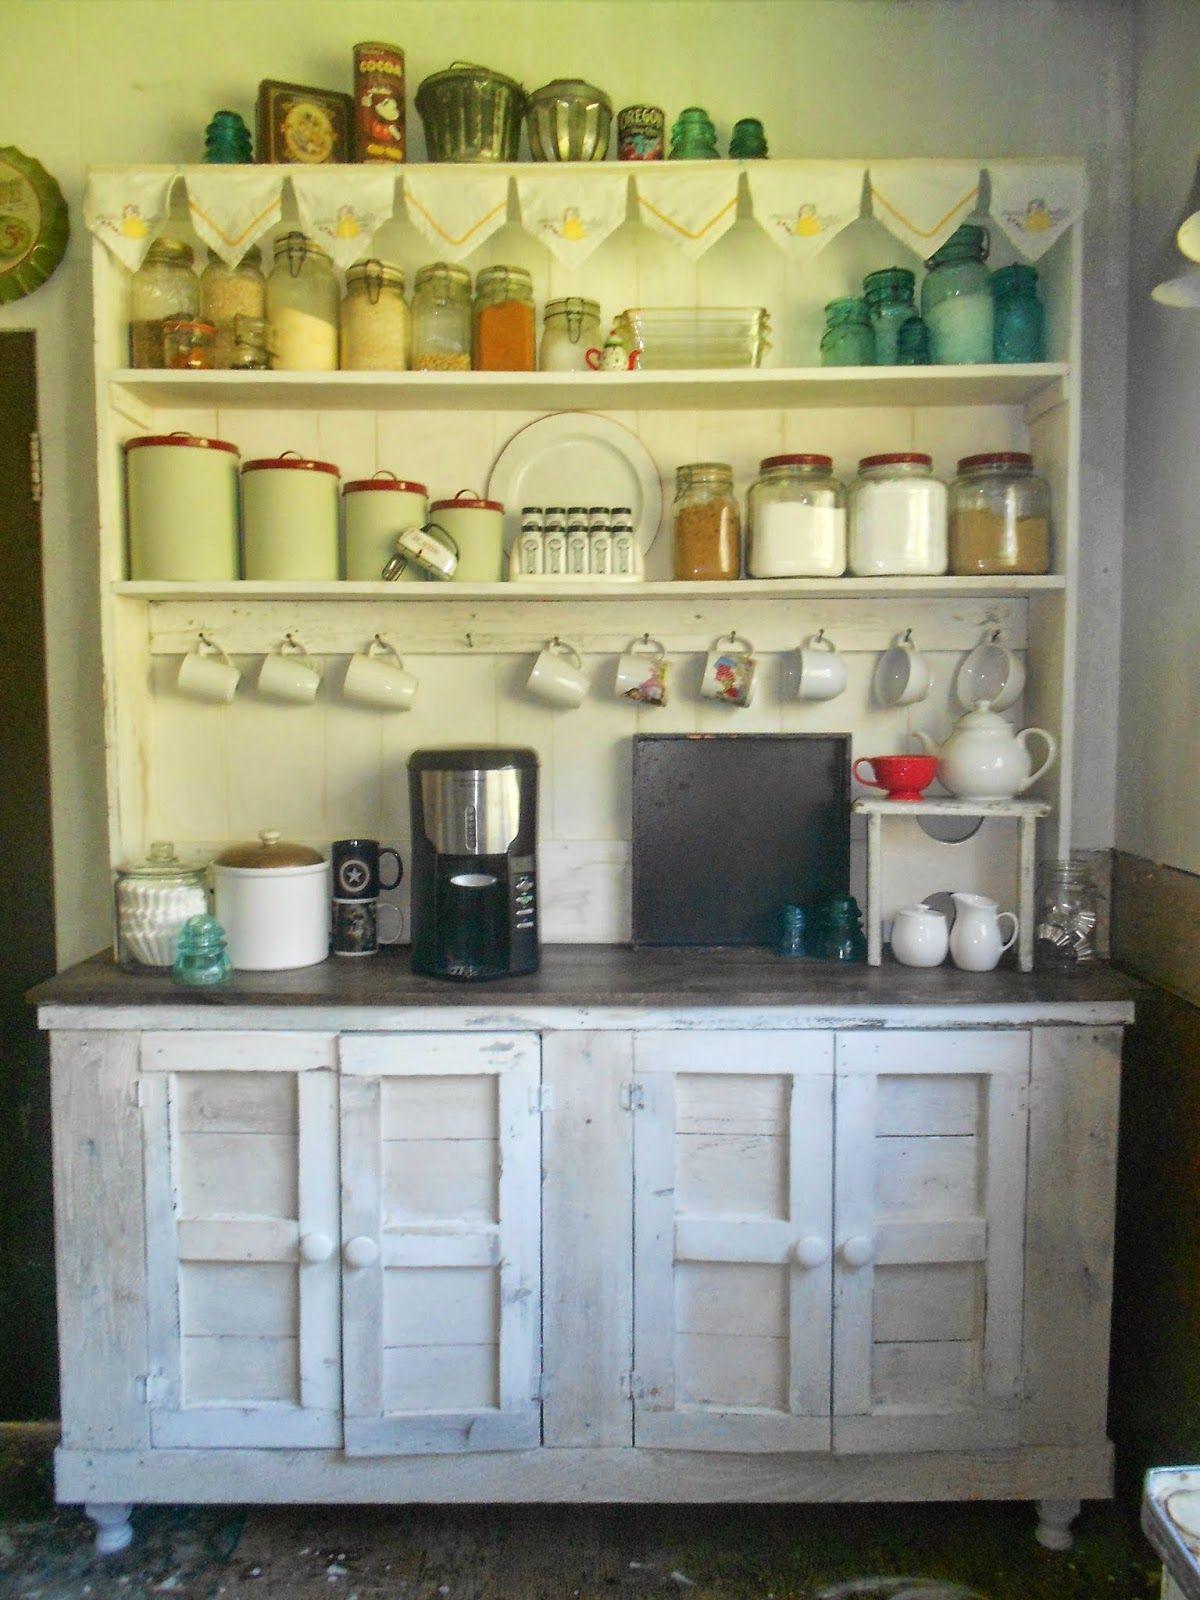 Farmhouse Allsorts Kitchen Cupboard Kitchen Cupboards Baking Storage Kitchen